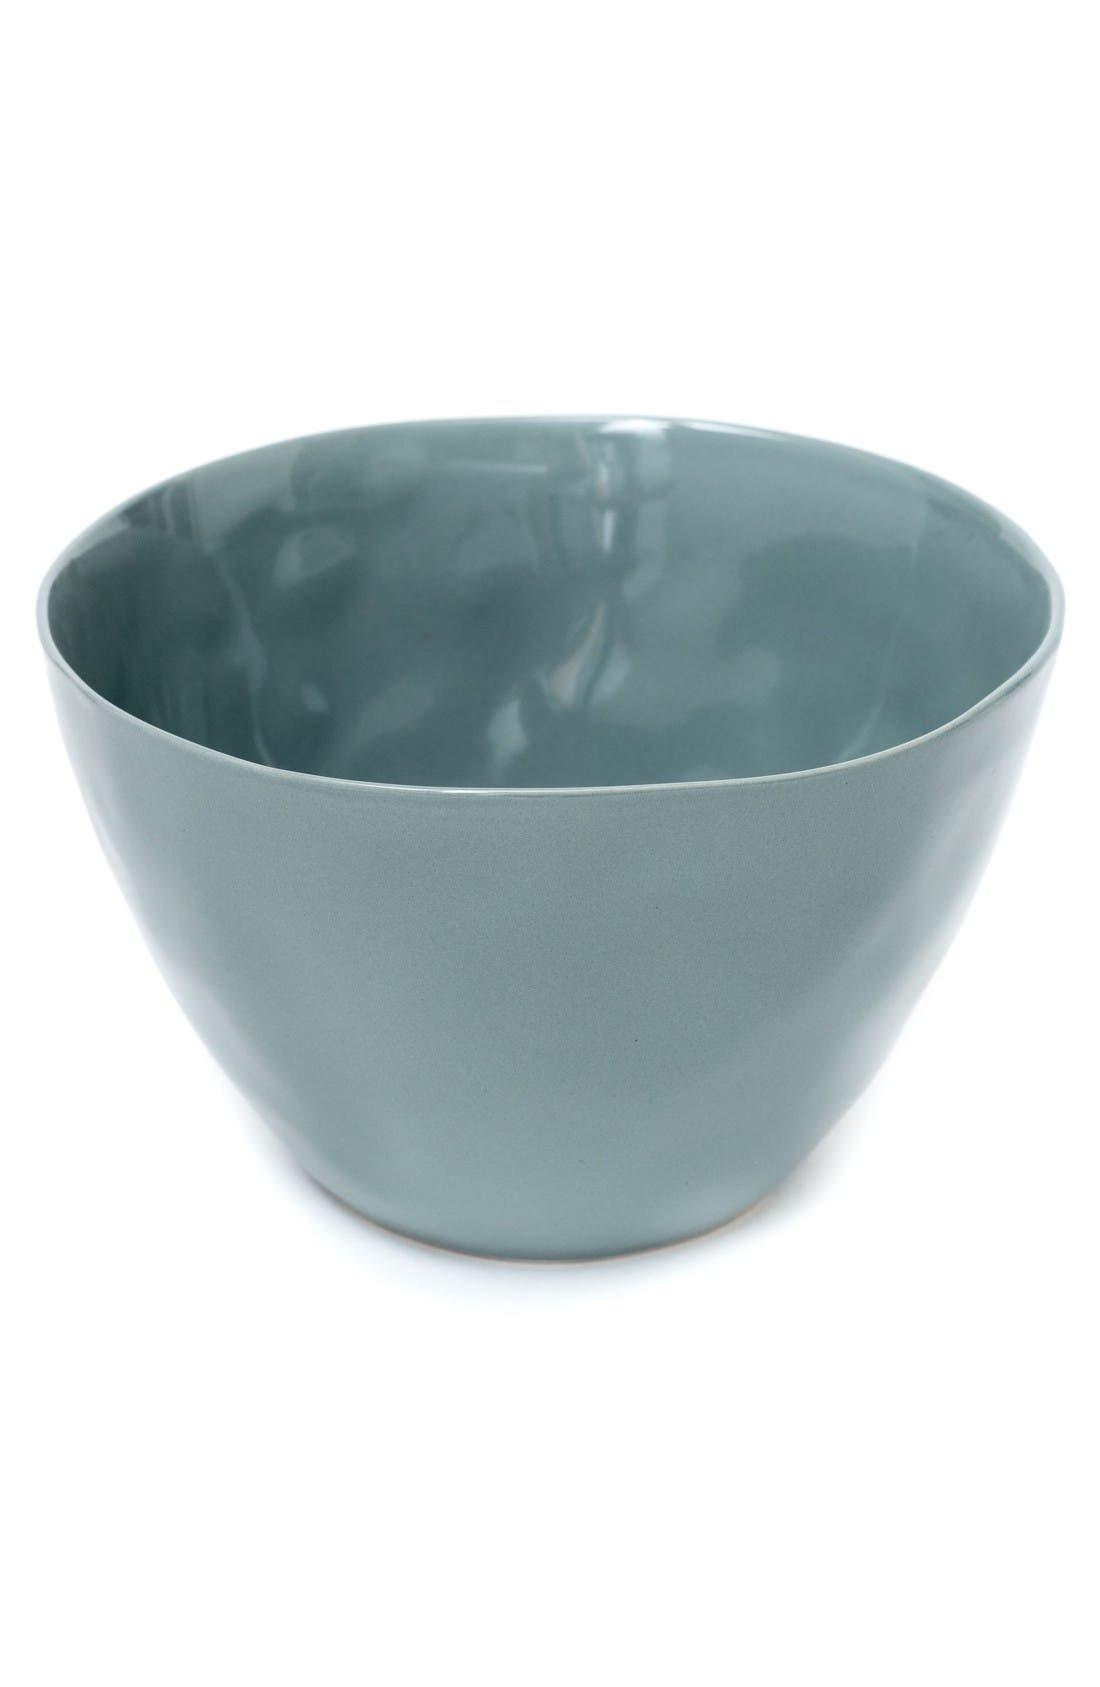 Main Image - zestt 'Sculptured' Cereal Bowls (Set of 4)